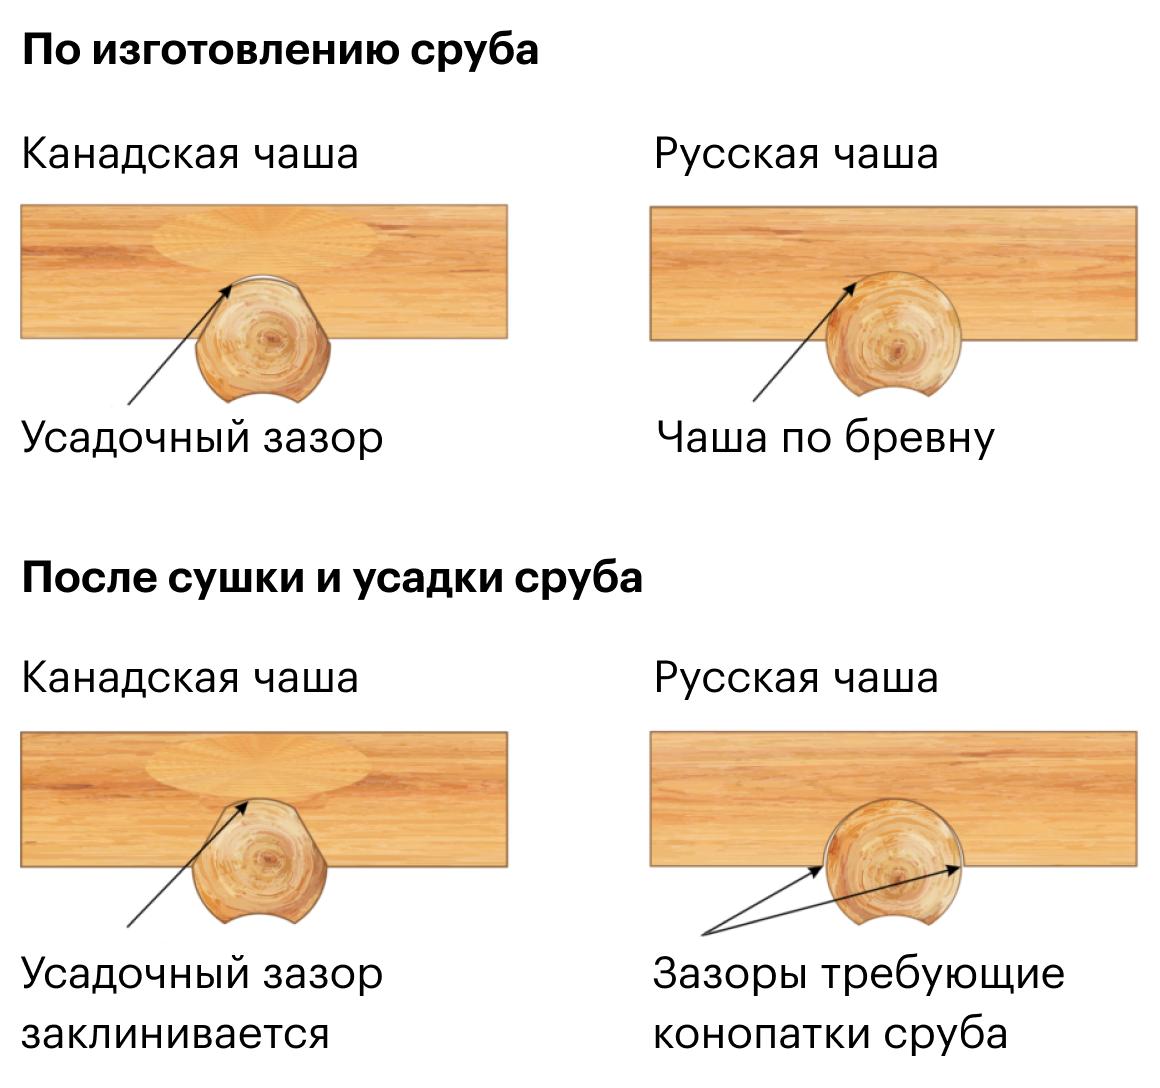 Разница между канадской и русской рубкой. Источник: smolsrubtorg.ru